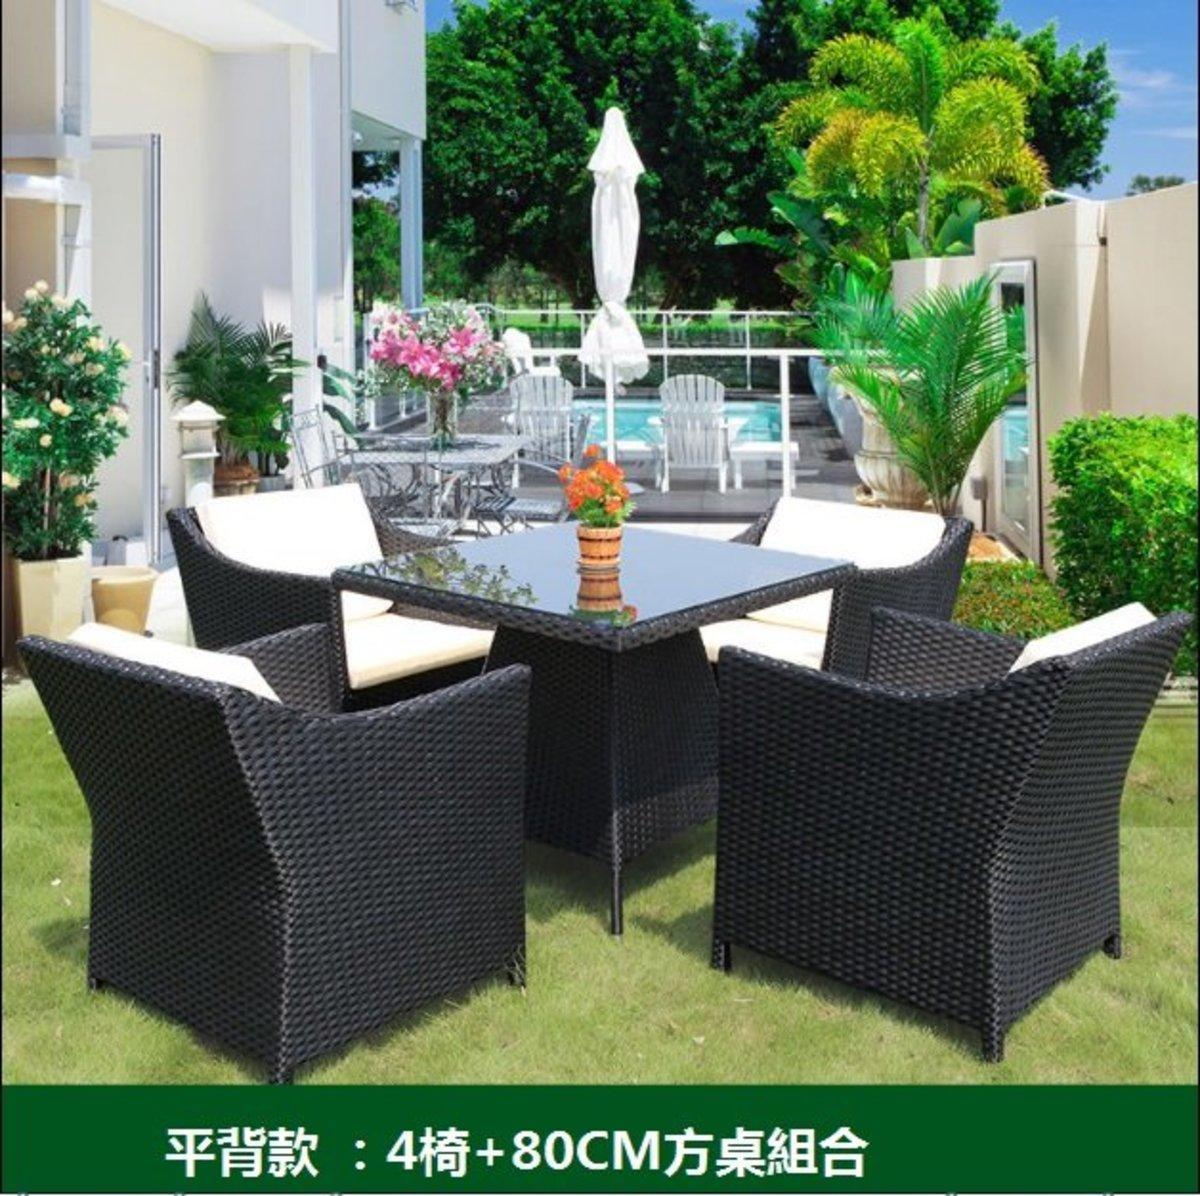 百搭休閒籐編桌椅(平背款 :4椅+80CM方桌組合)